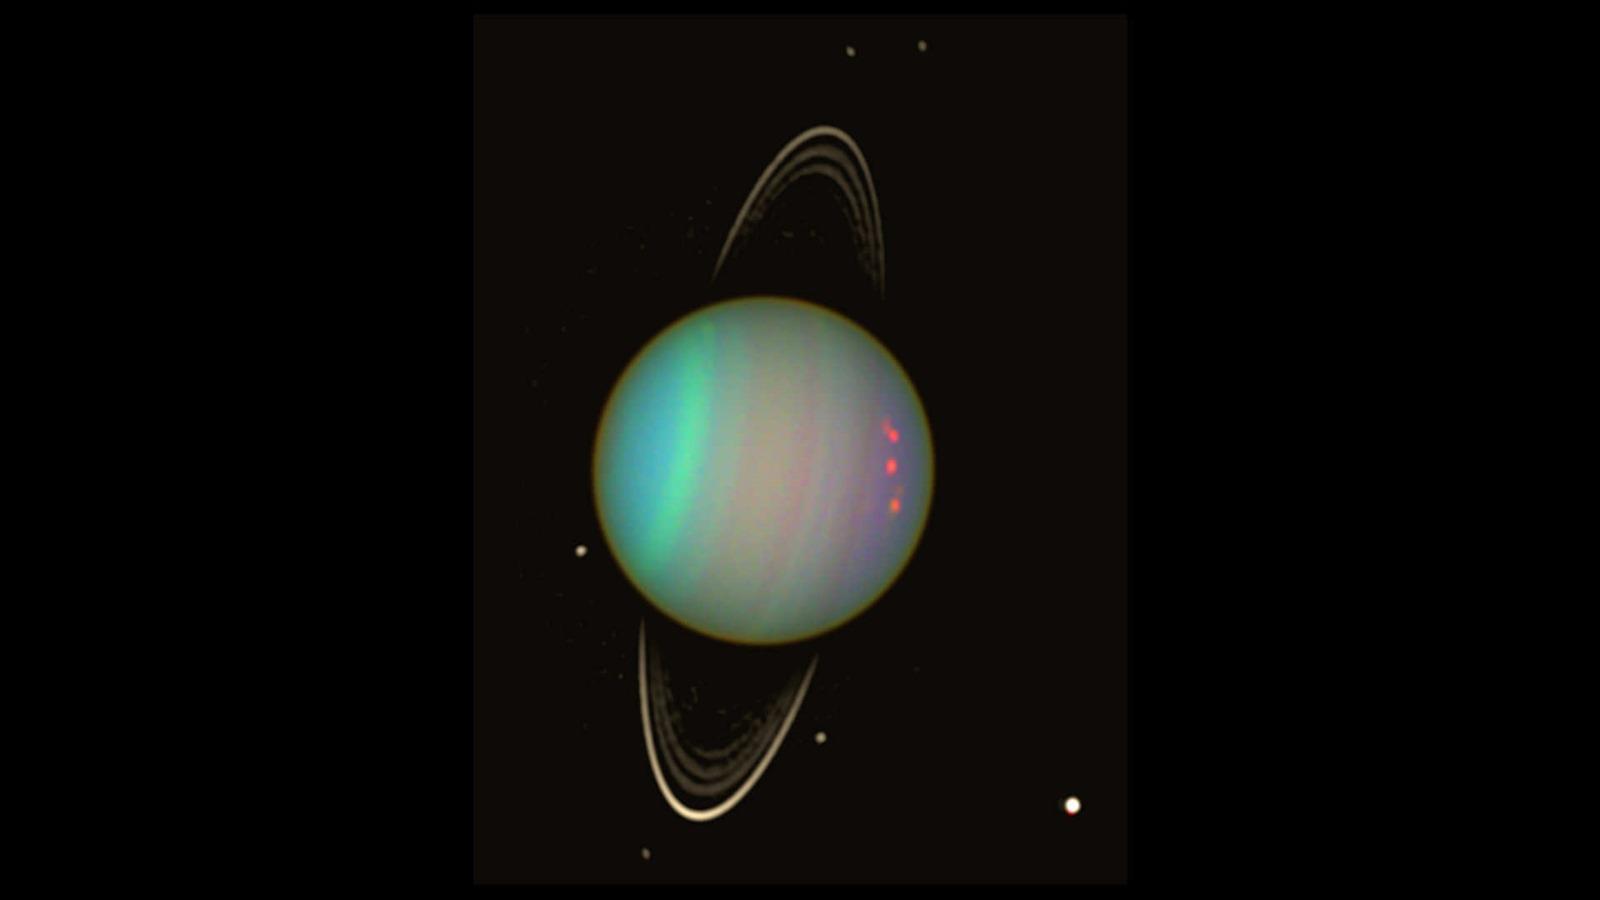 Des sillages dans les anneaux d'Uranus révèlent la présence de deux nouvelles lunes